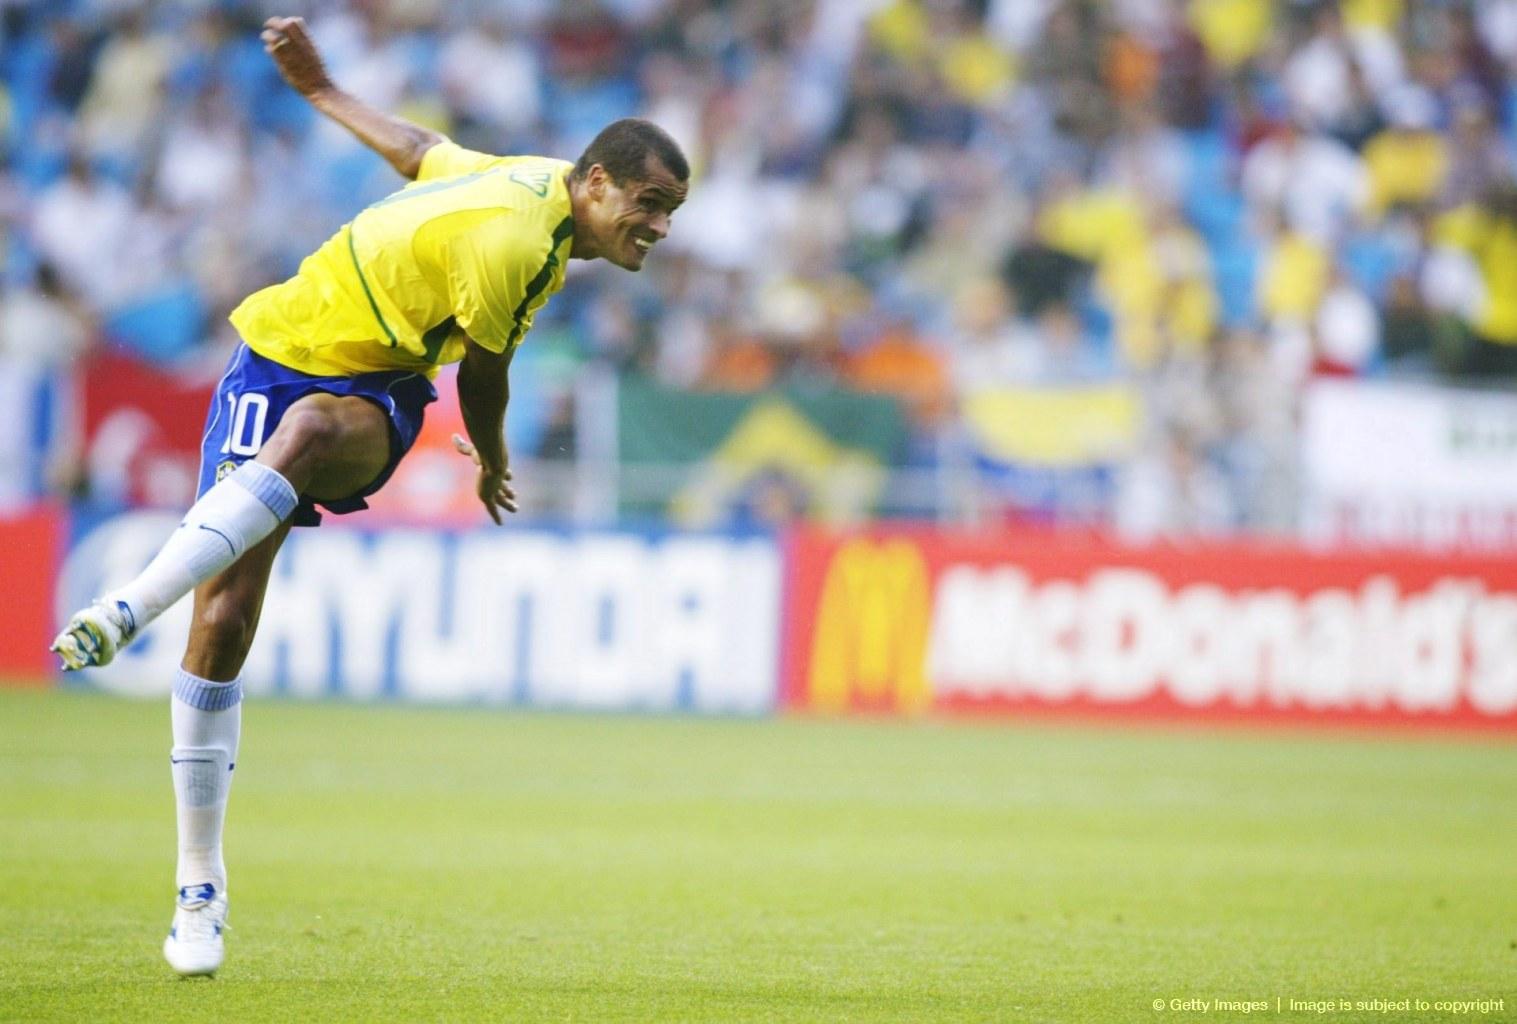 ریوالدو: پرتغال می تواند شگفتی ساز جام جهانی باشد؛ آرژانتین و اسپانیا قوی ترین تیم های حاضر در تورنمنت هستند